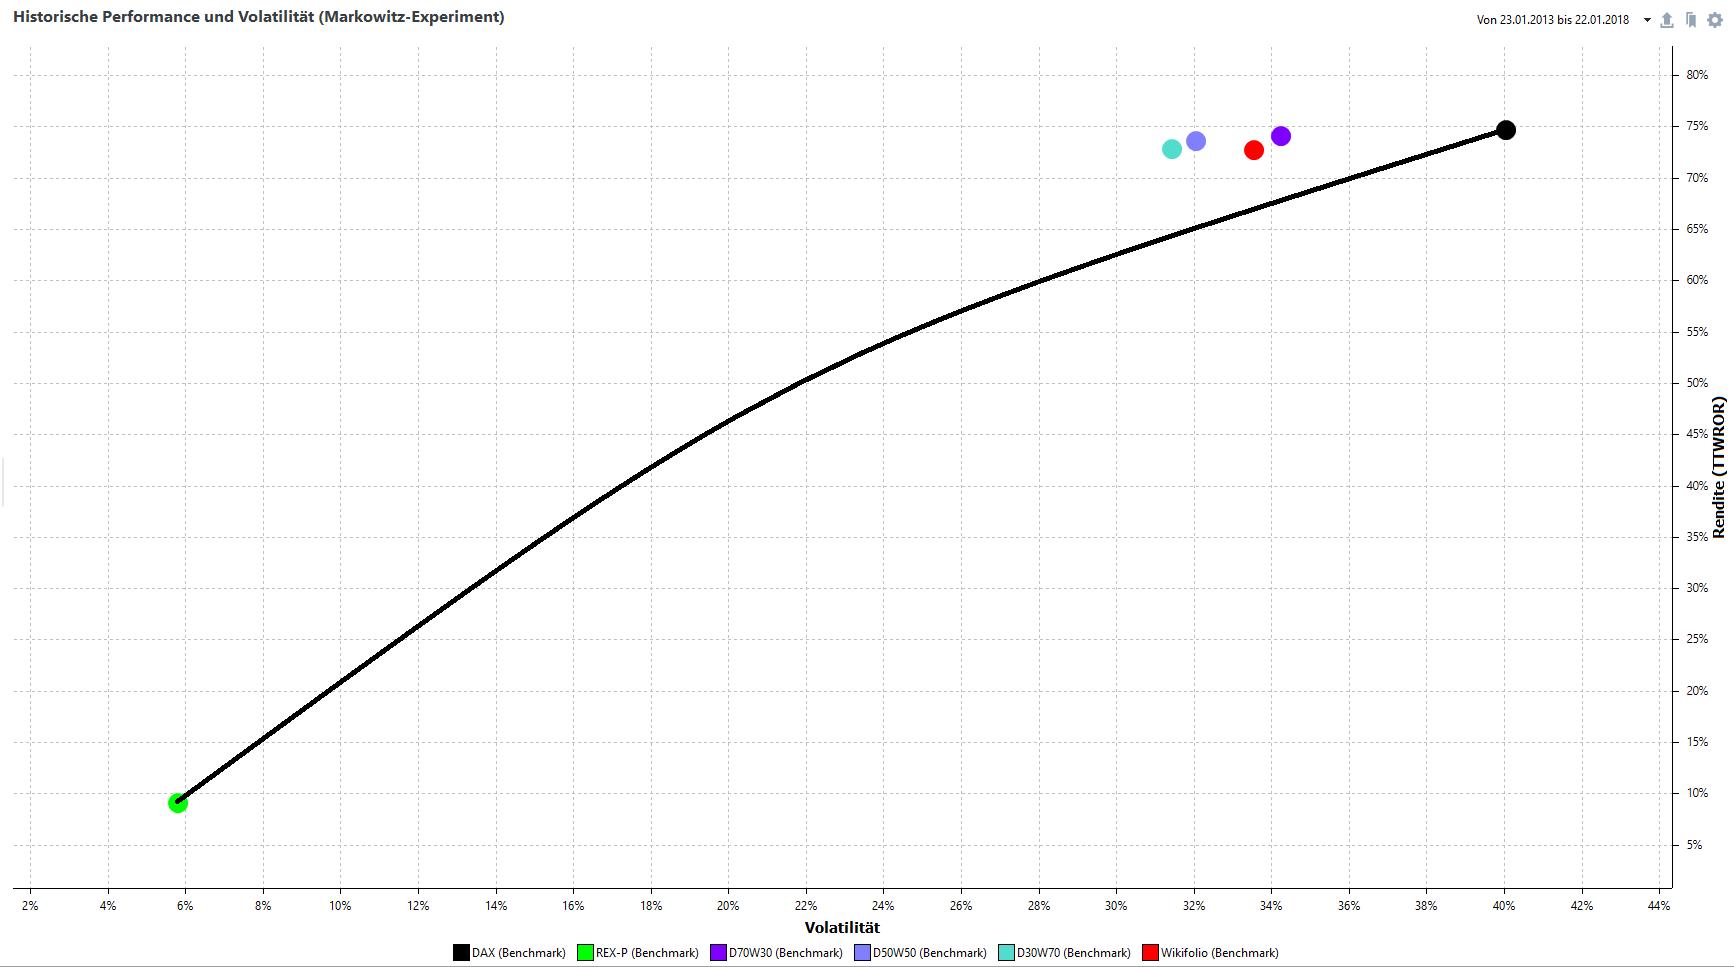 Rendite-Risiko-Diagramm, DAX/Wikifolio-Mix 5 Jahre